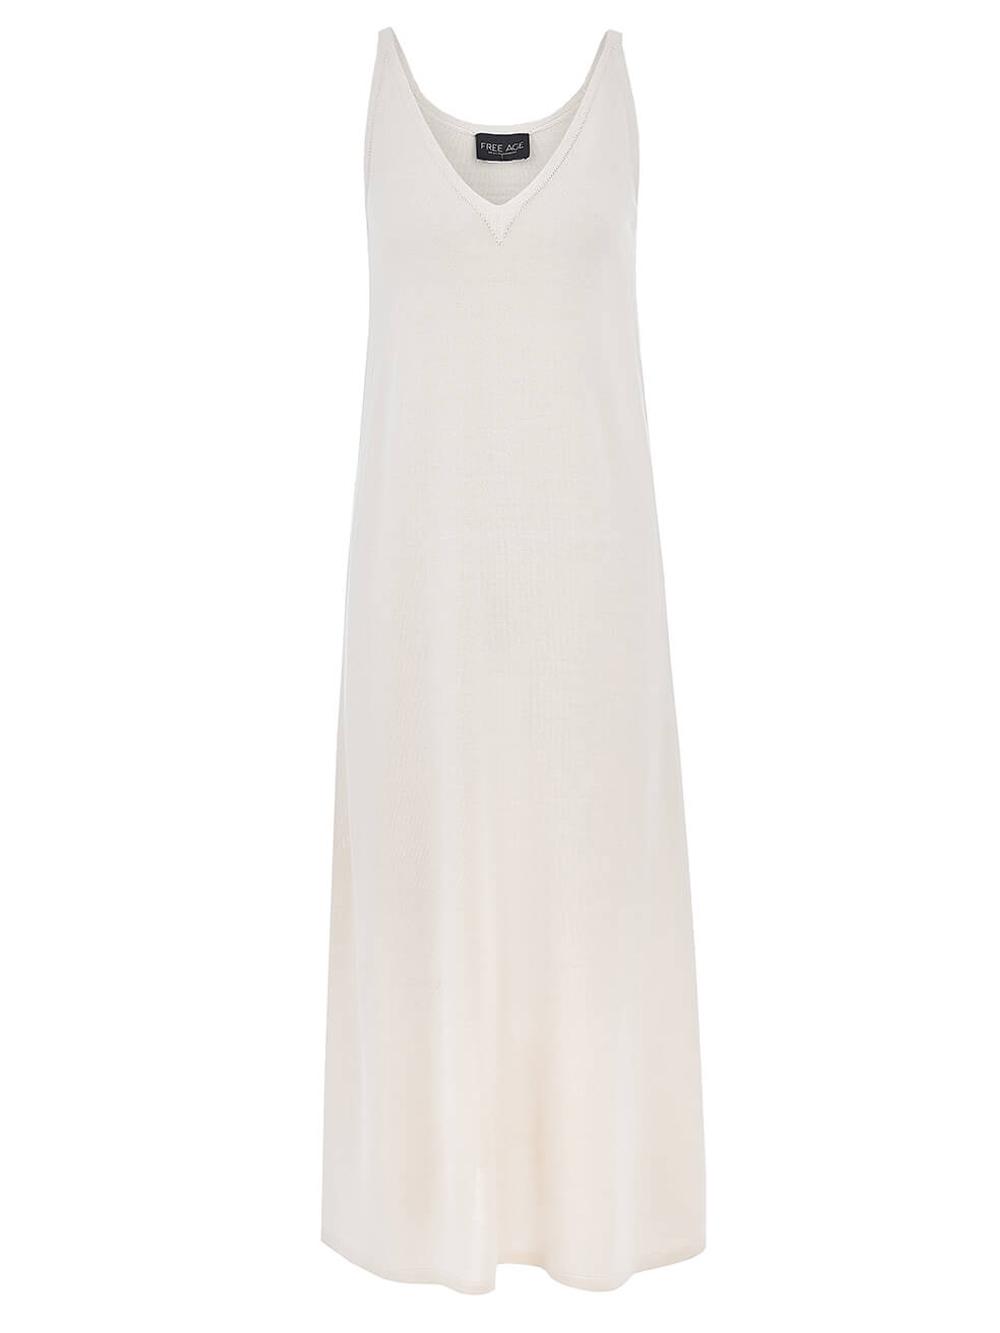 Женское платье белого цвета из шелка и вискозы - фото 1